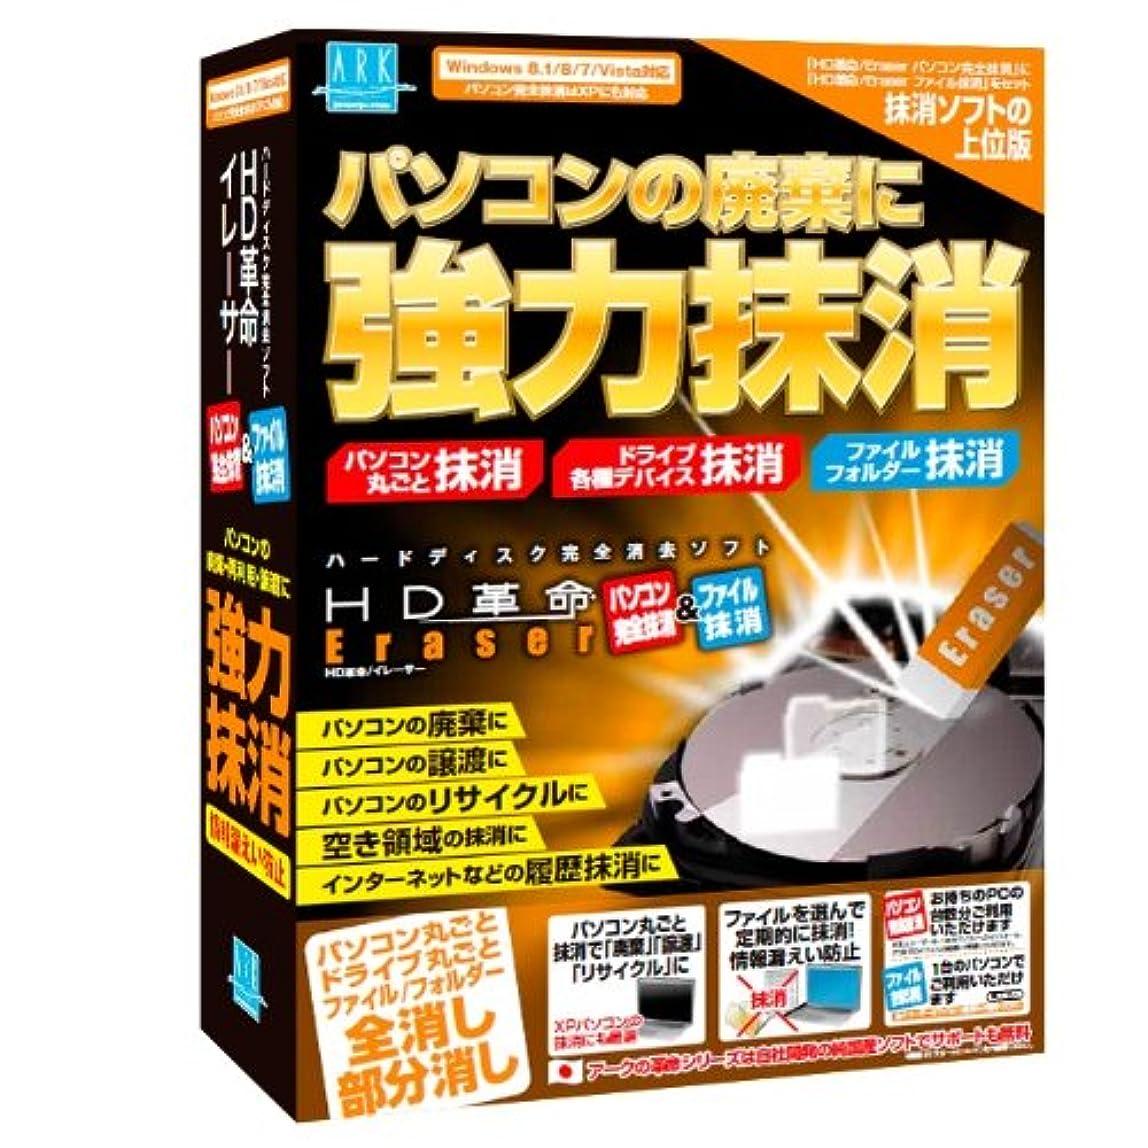 霧胴体受け入れるHD革命/Eraser パソコン完全抹消&ファイル抹消 通常版